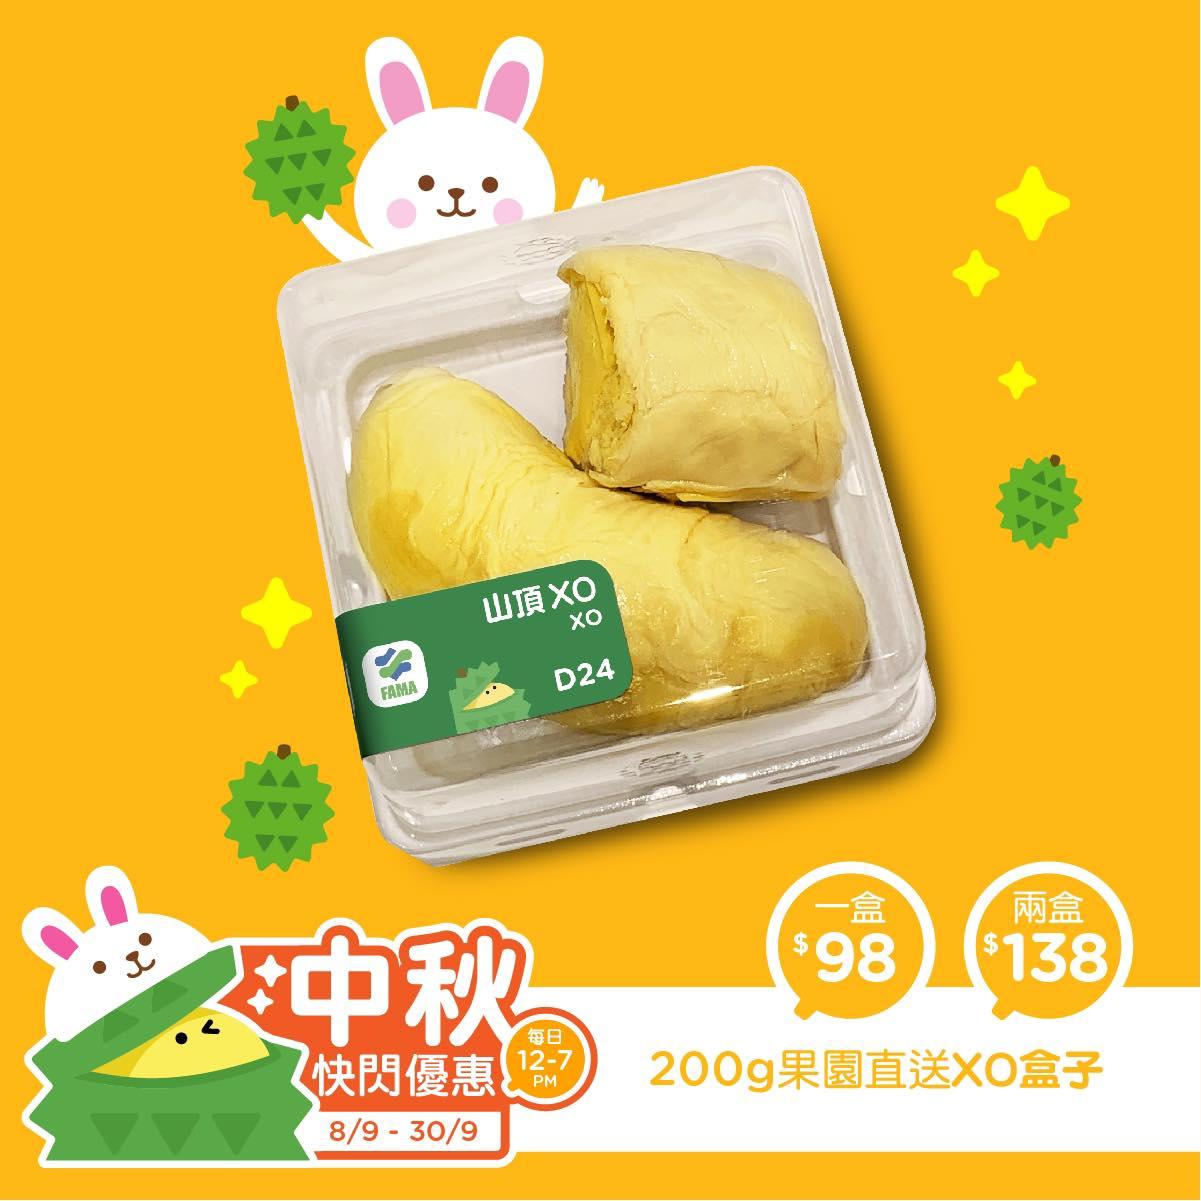 貓山王冰皮月餅 - 榴槤BB (DurianBB.com)